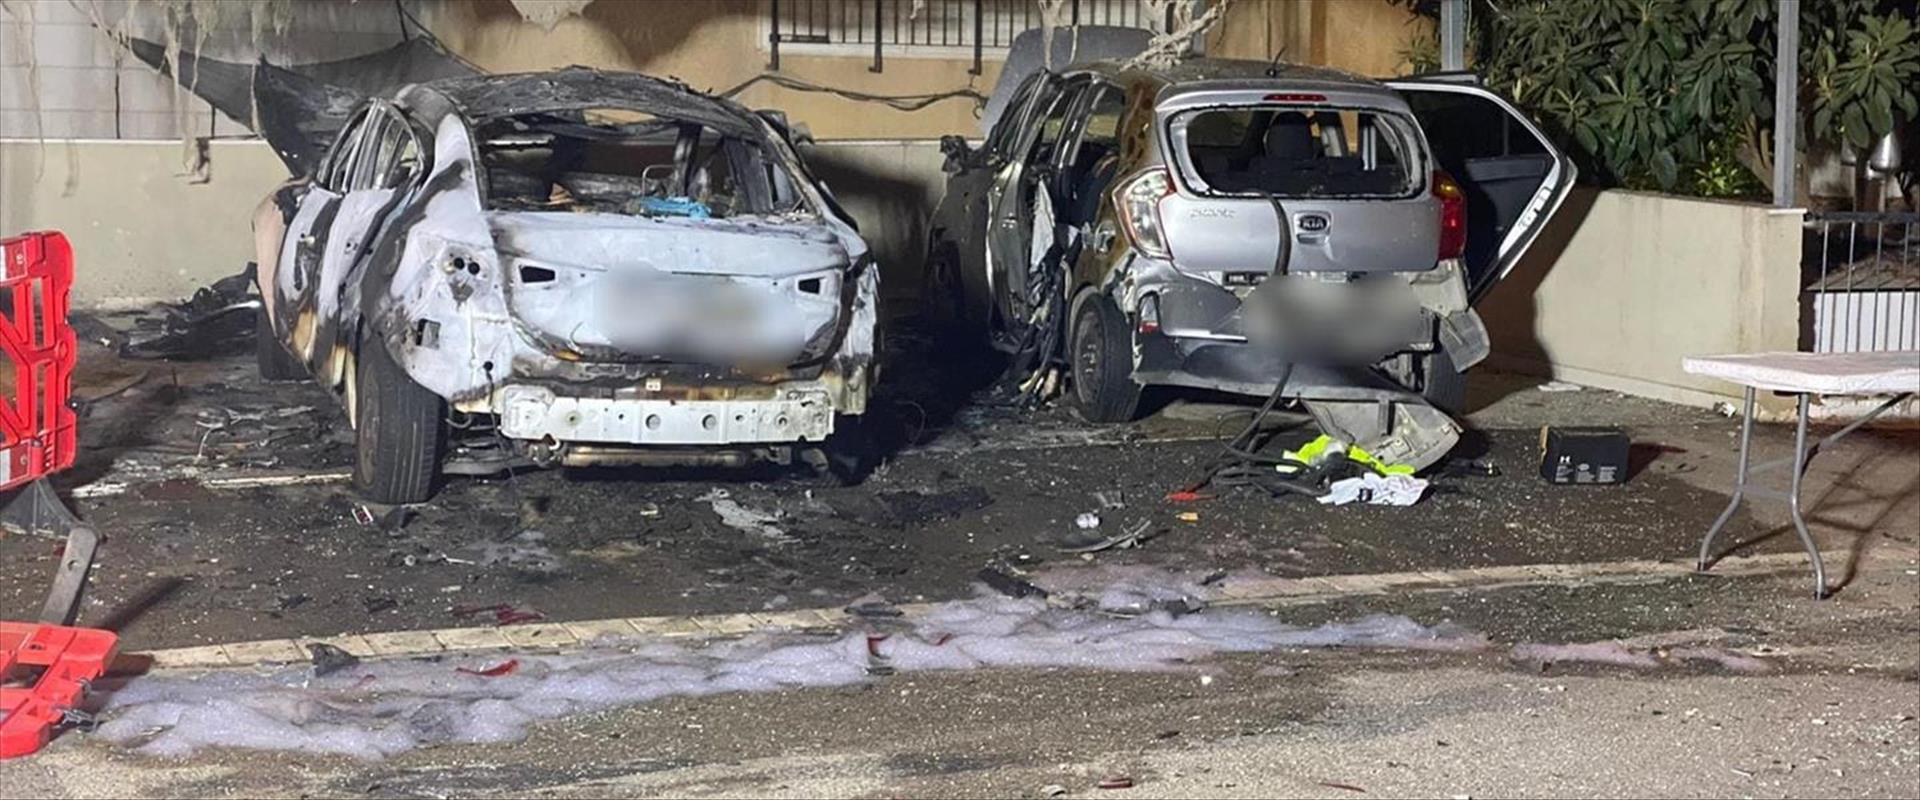 פיצוץ המכונית בחיפה